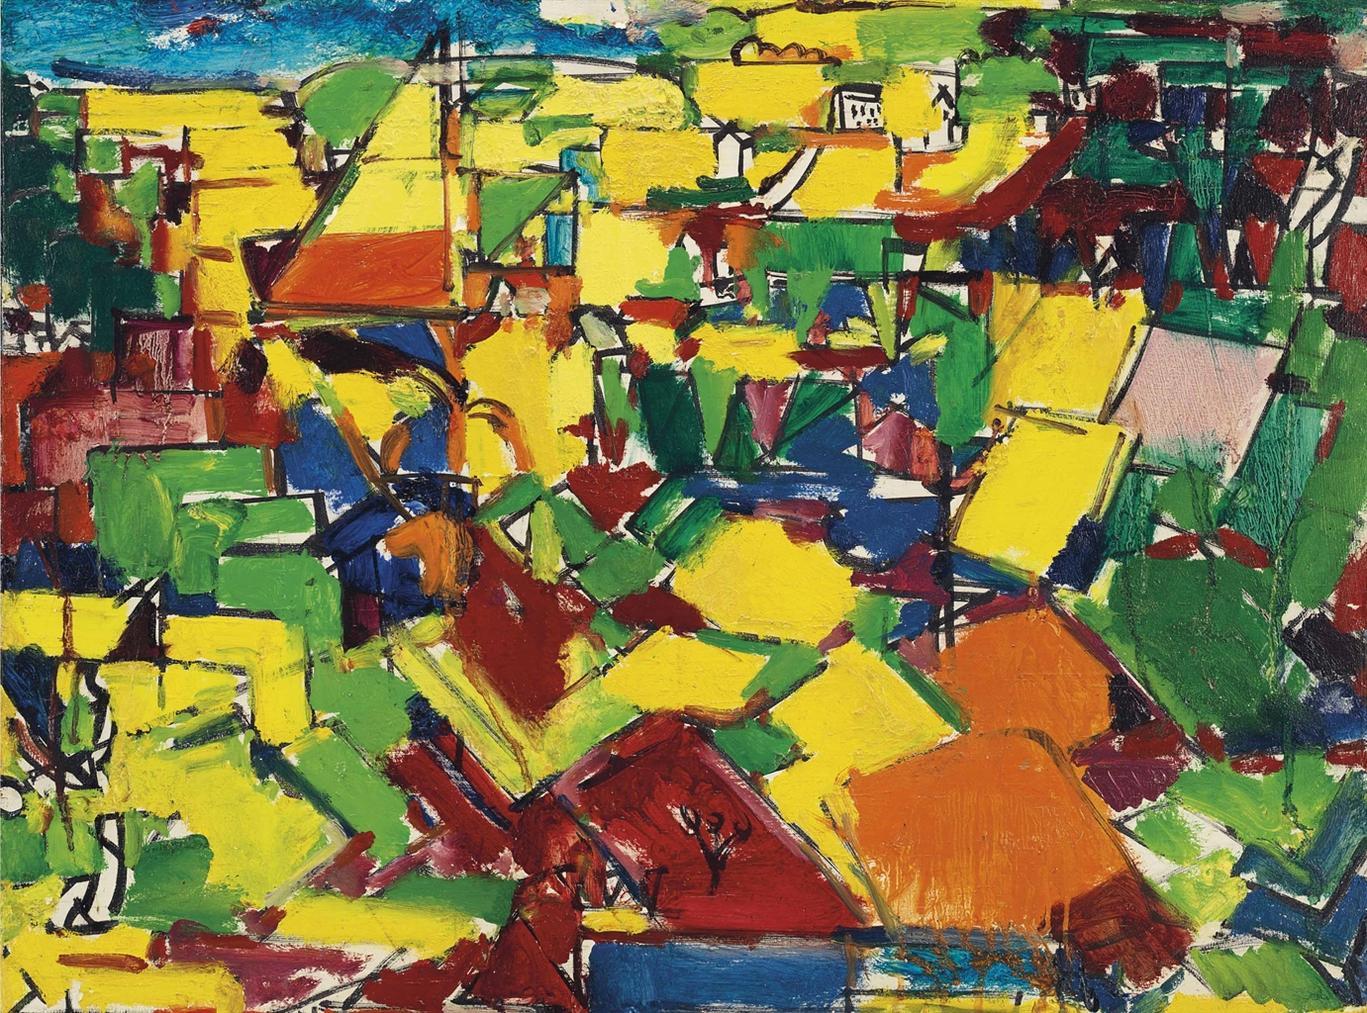 Hans Hofmann-Landscape No. 137-1942